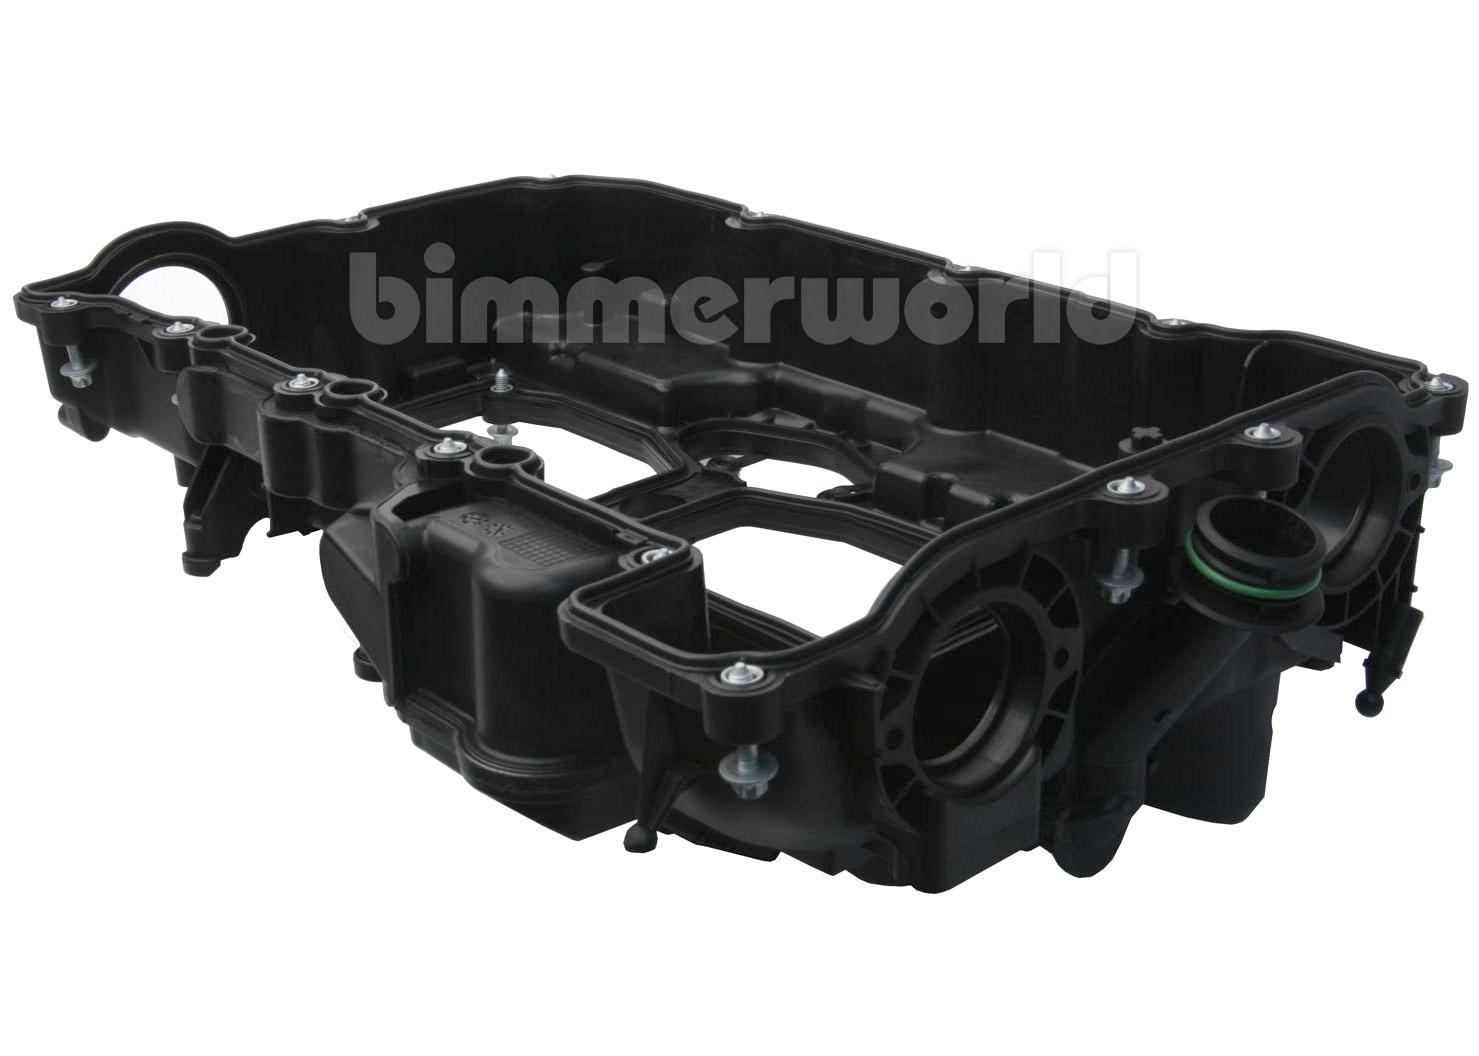 N20 Valve Cover Gasket Kit - 11127588412 F22 F30 F31 328i ...